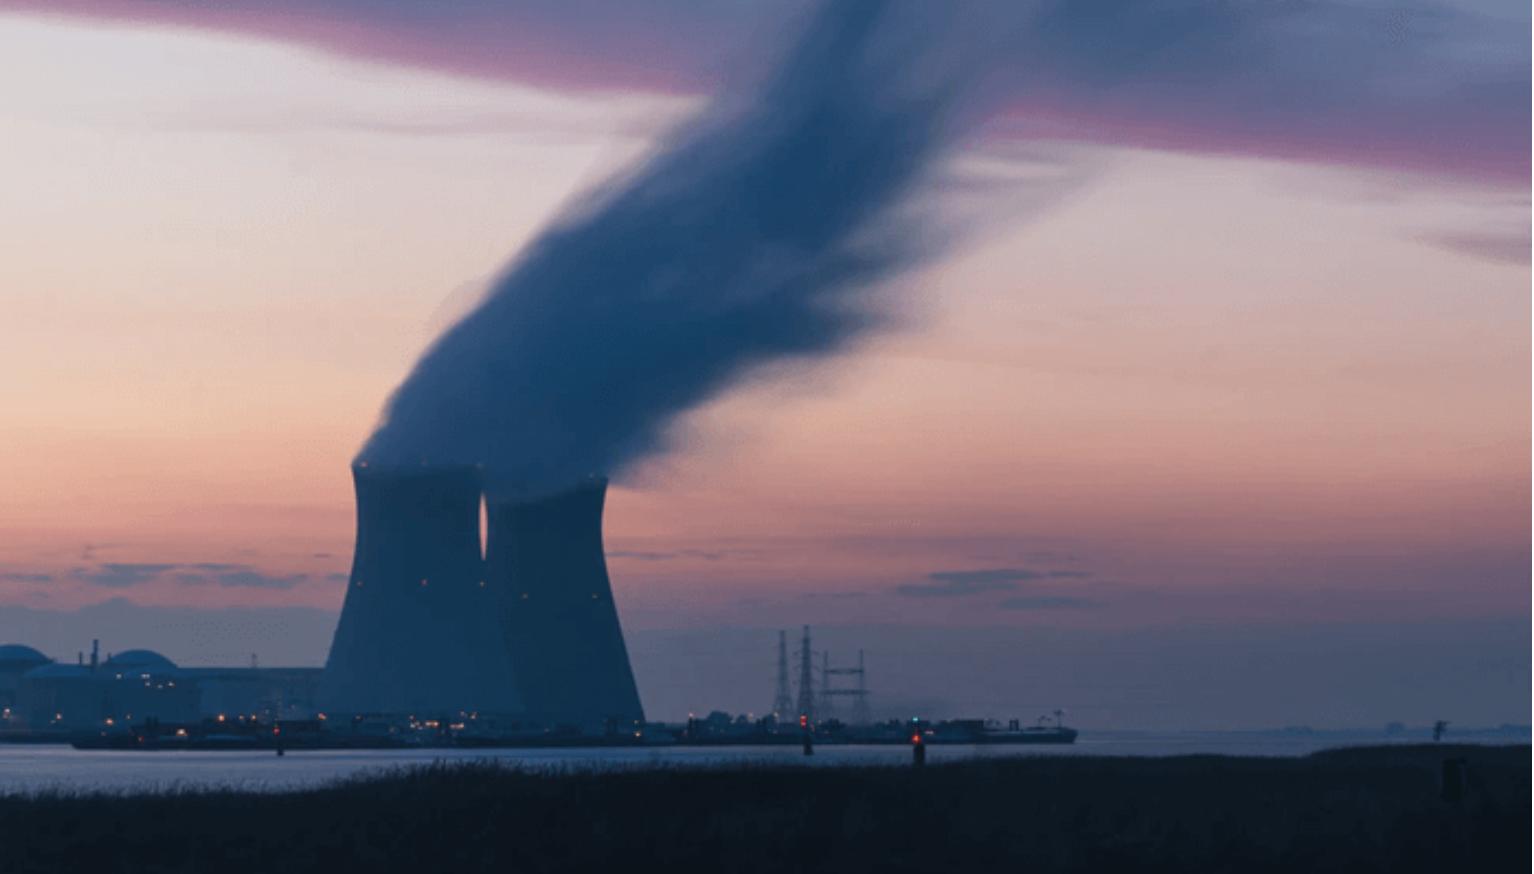 Bitcoin mining op kernenergie